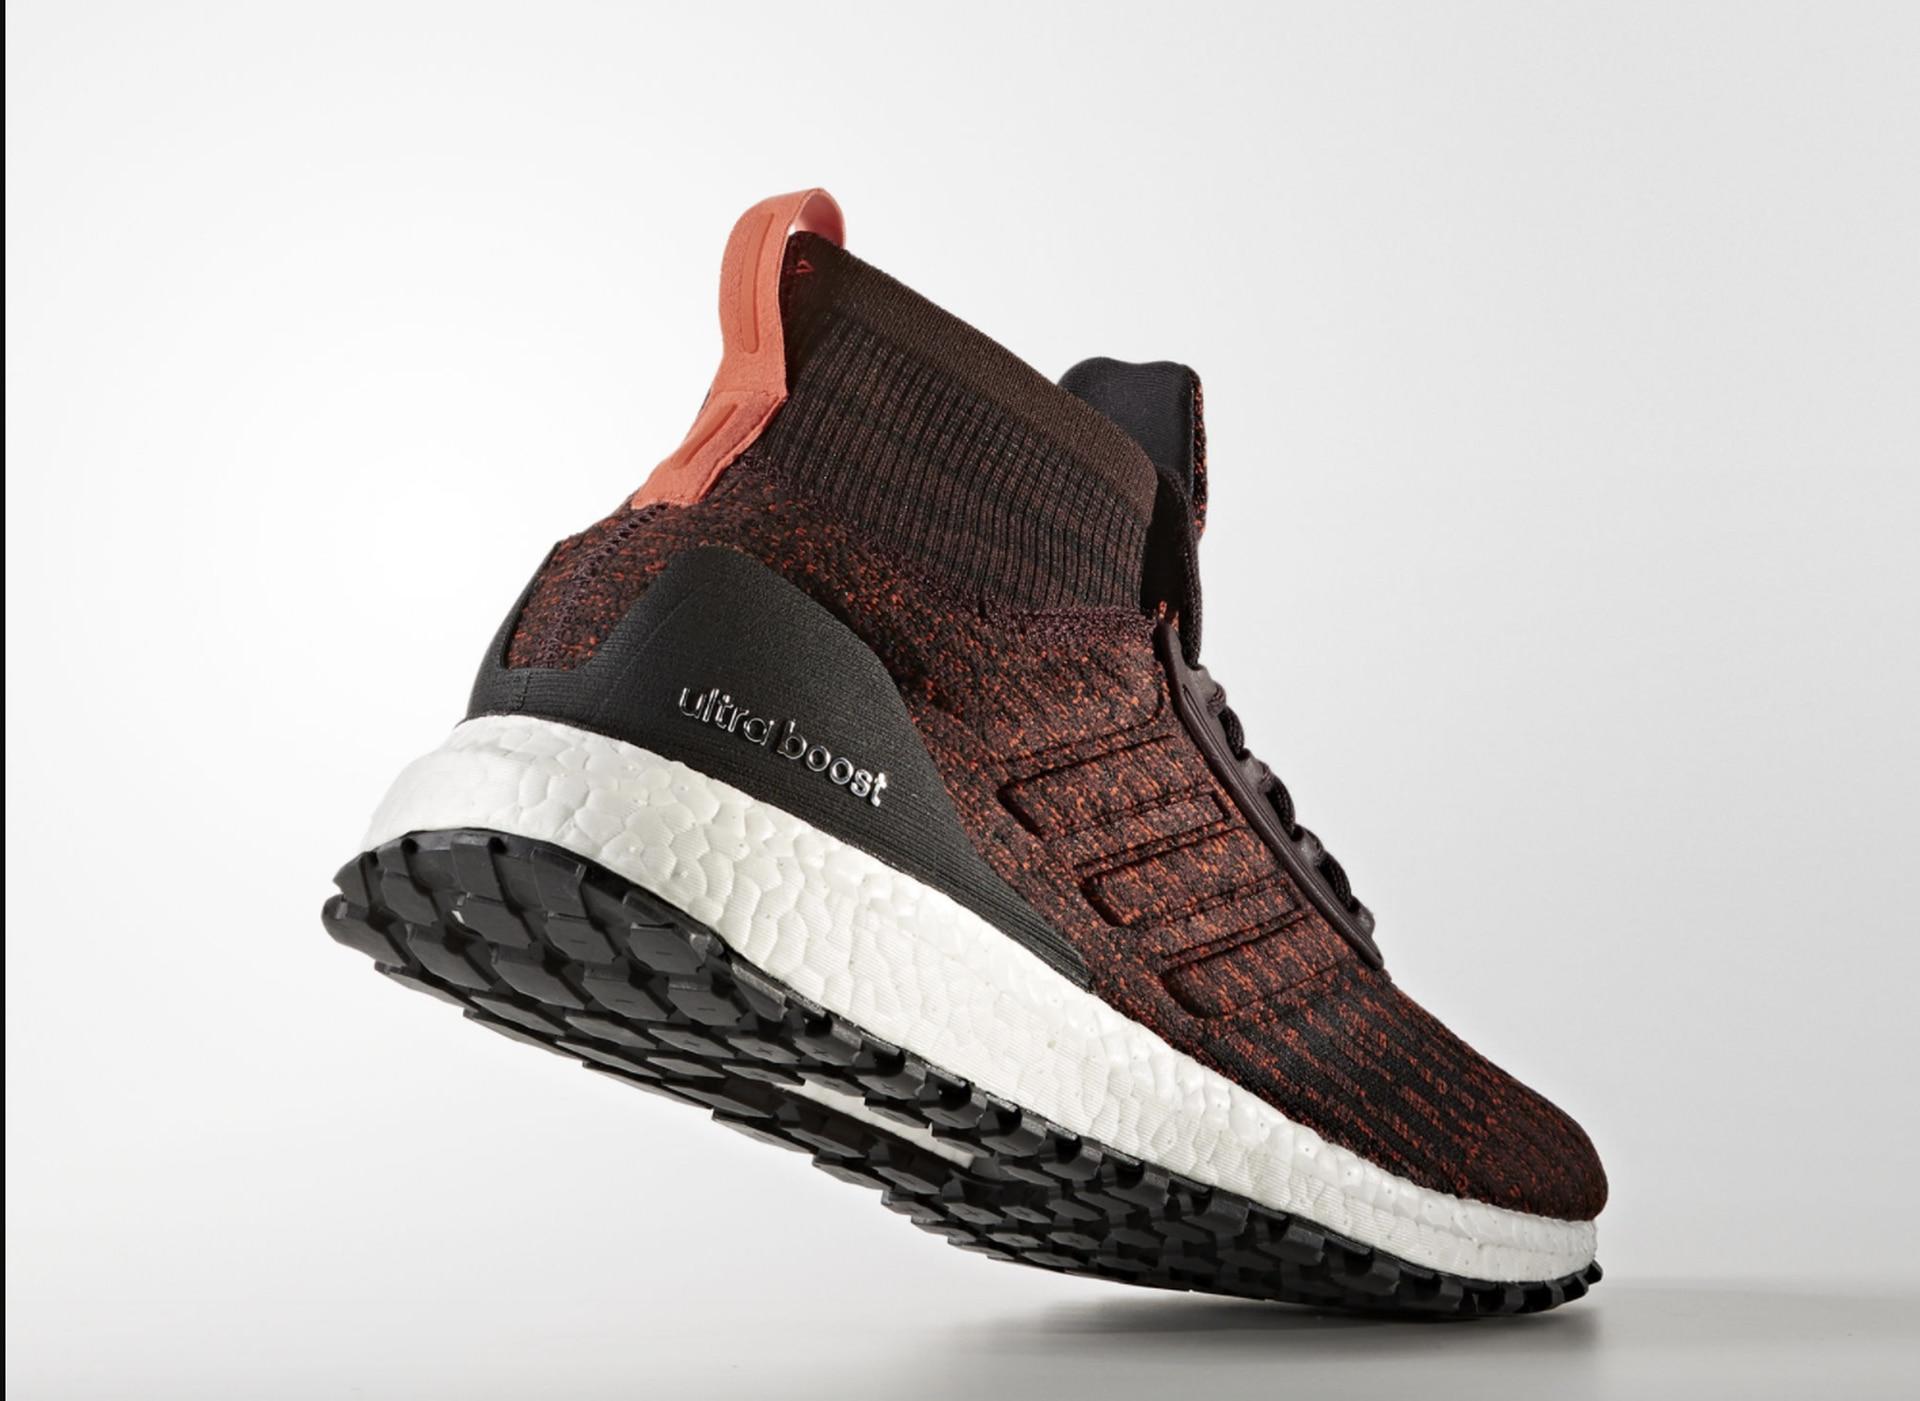 El nuevo calzado de la marca de las tres tiras: Ultraboost ATR